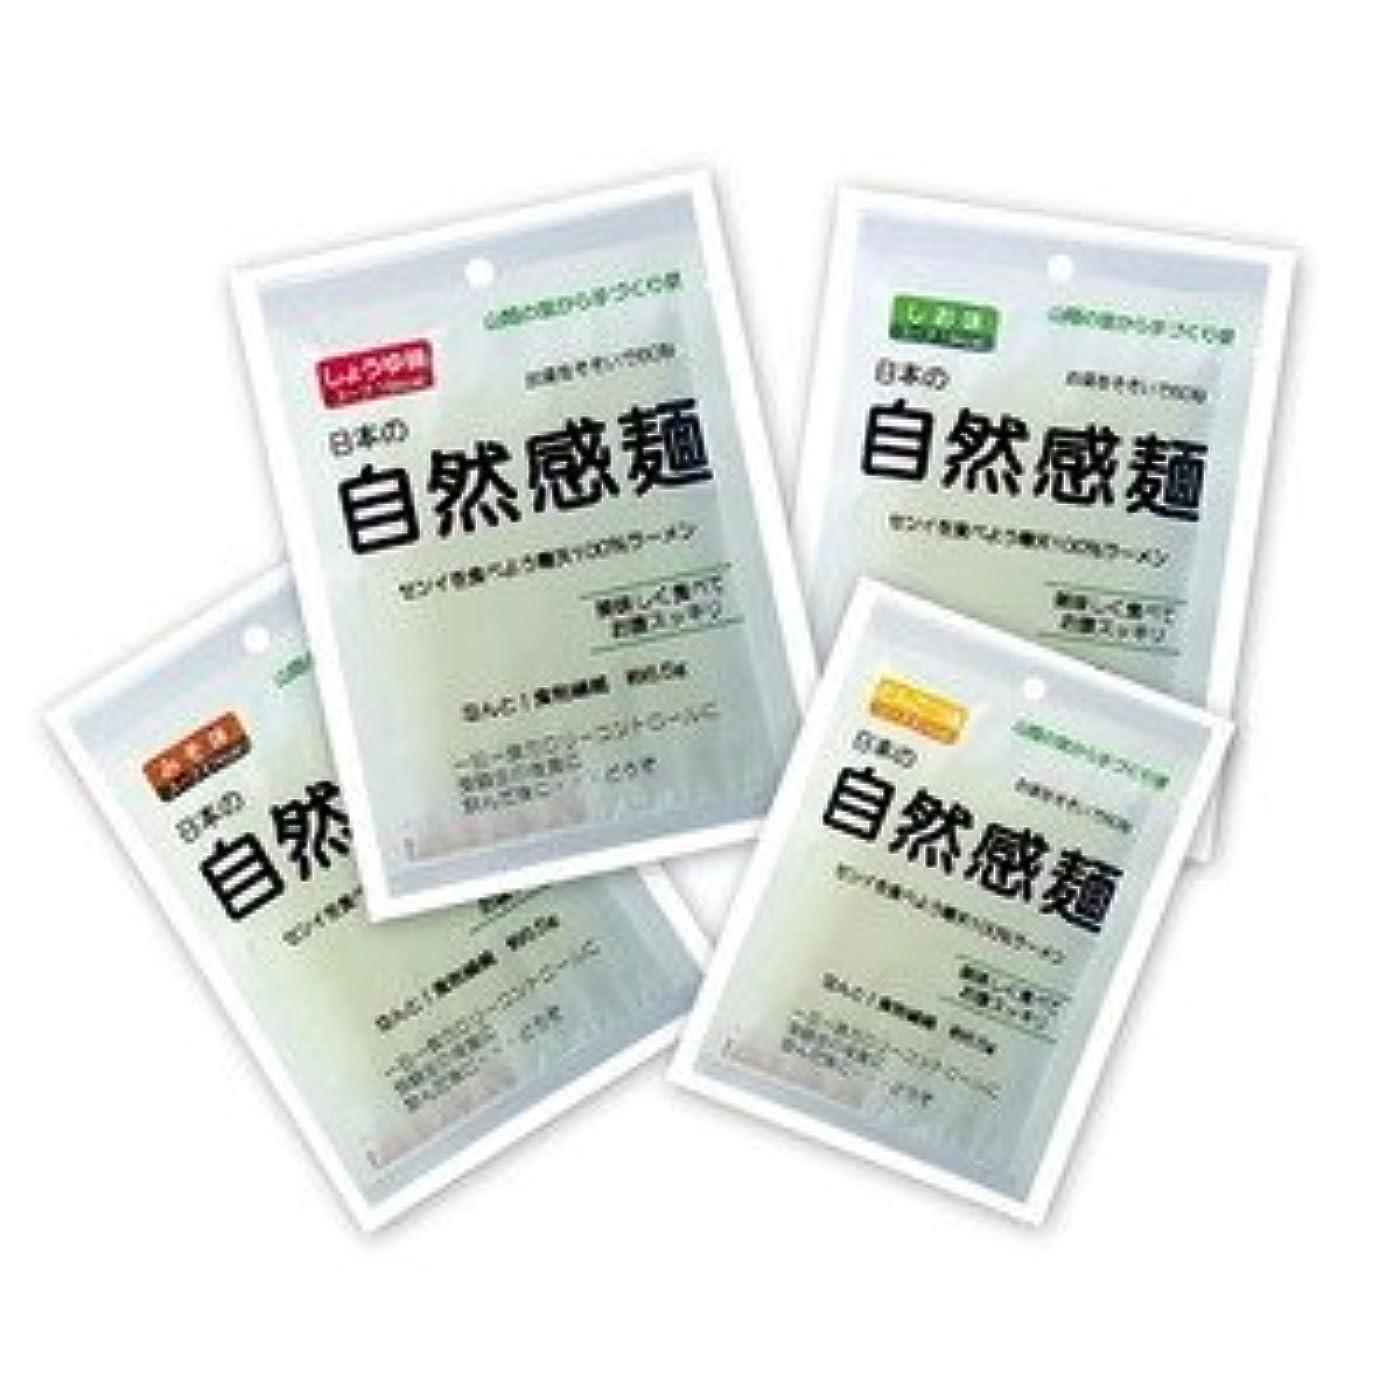 期間摂動写真を撮る自然寒天ラーメン/ダイエット食品 【4味5食セット】 しょうゆ味?みそ味?しお味?とんこつ味 日本製